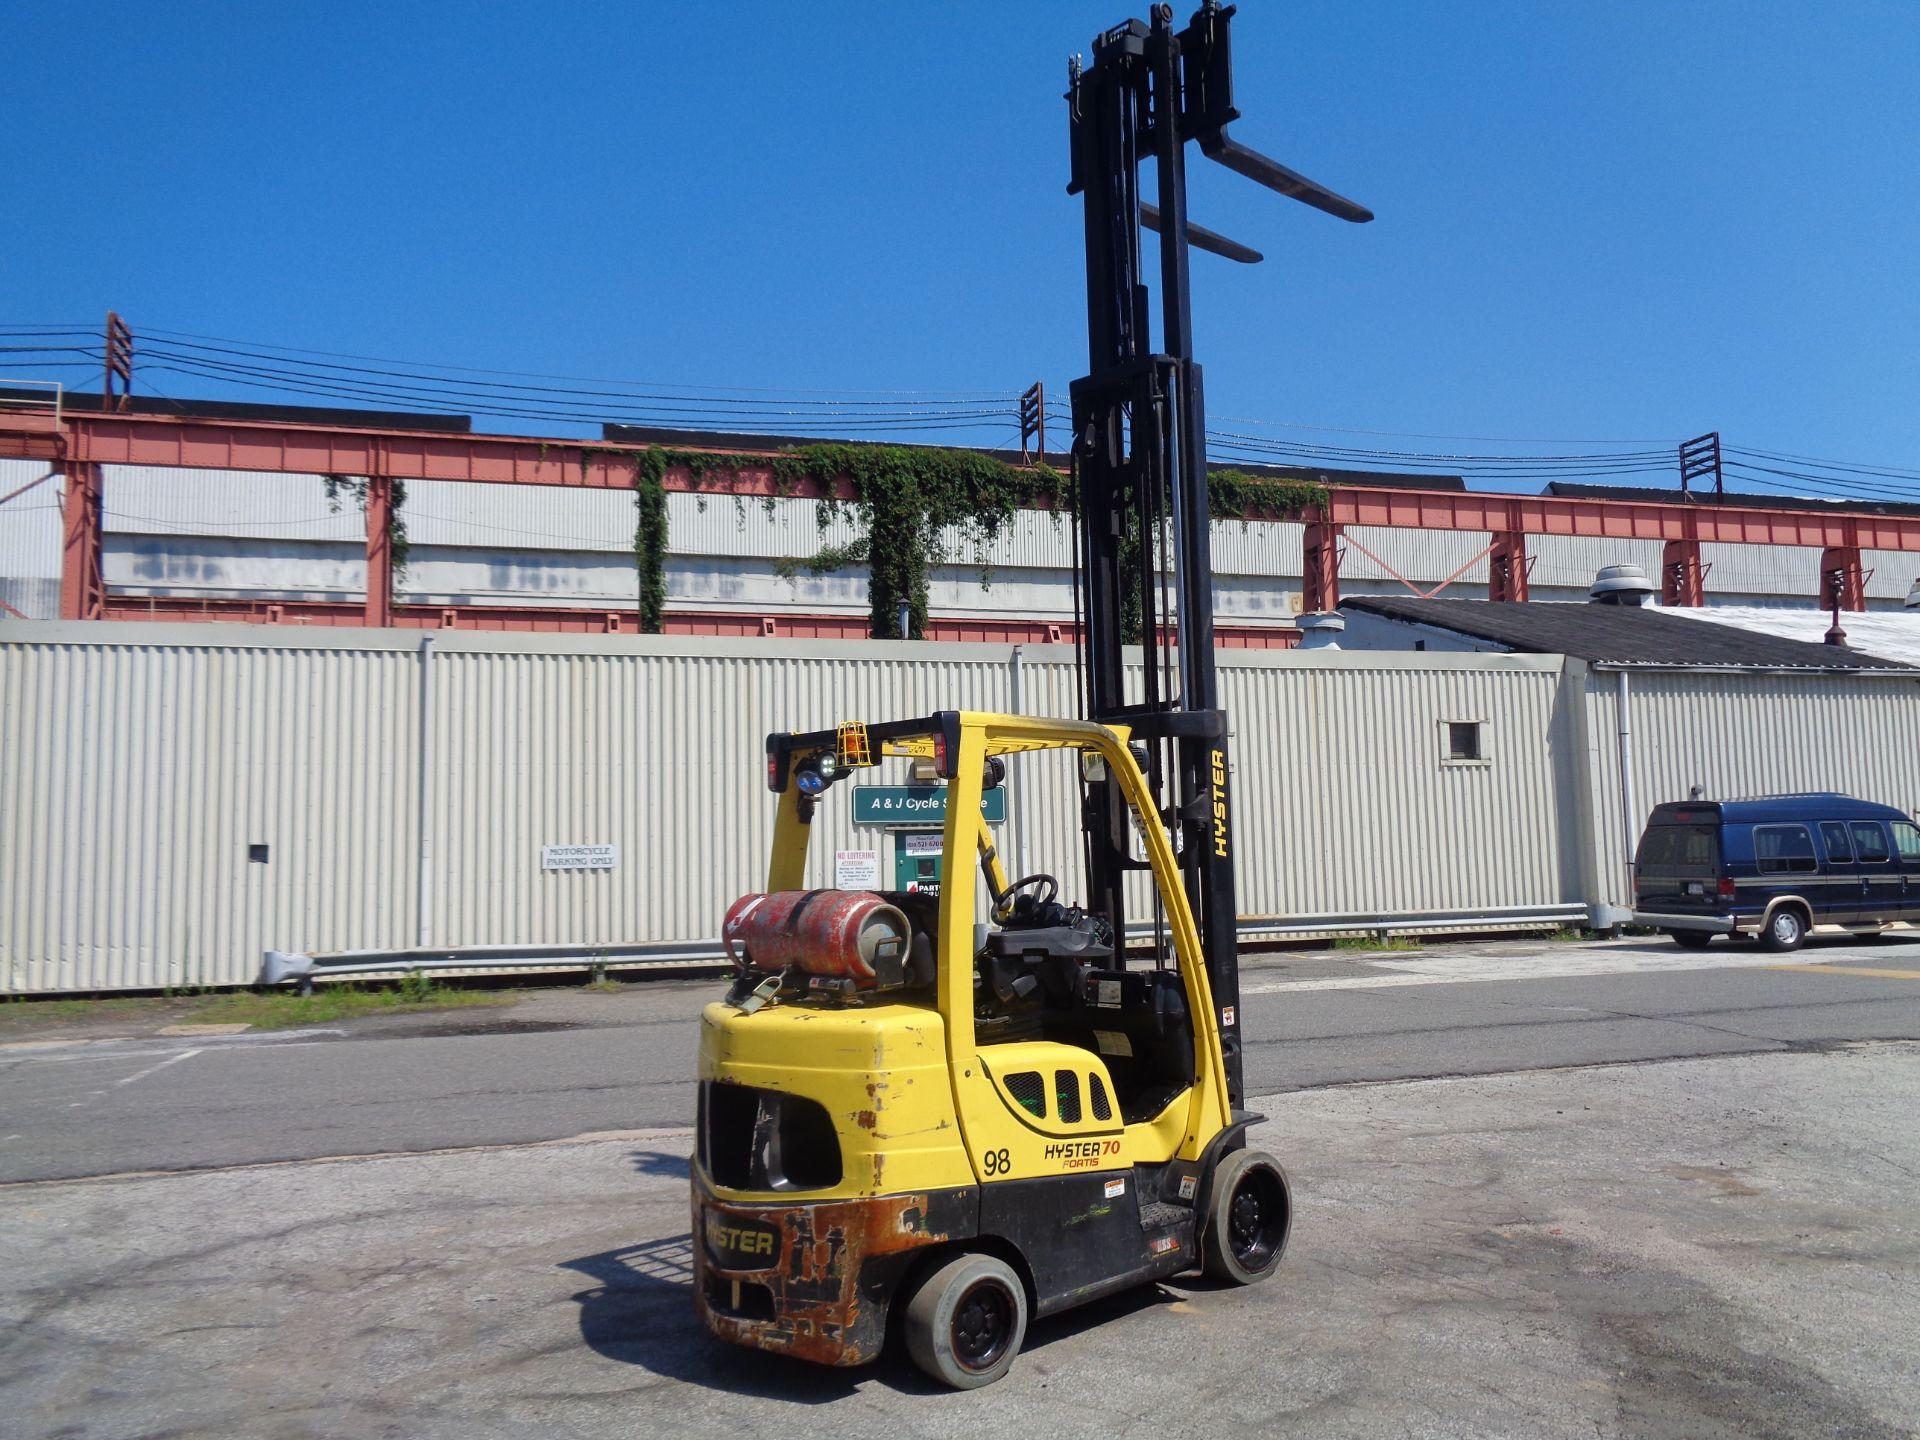 Lot 30 - 2015 Hyster S70FT 7,000lb Forklift